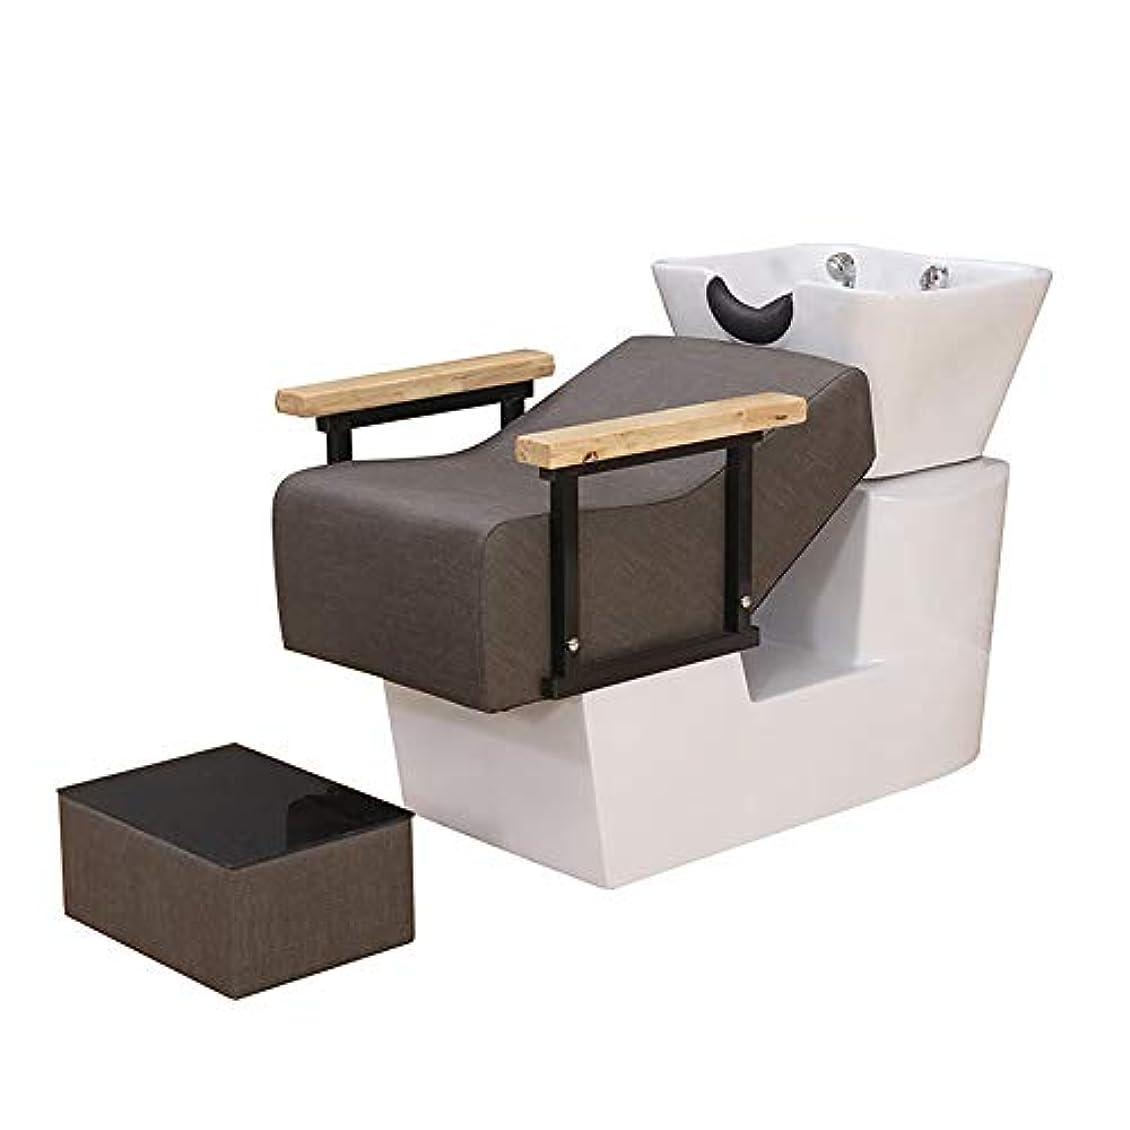 熟考するルージョブシャンプーチェア、逆洗ユニットシャンプーボウル理髪シンクシンクチェア用スパ美容院機器用半埋め込みフラッシュベッド